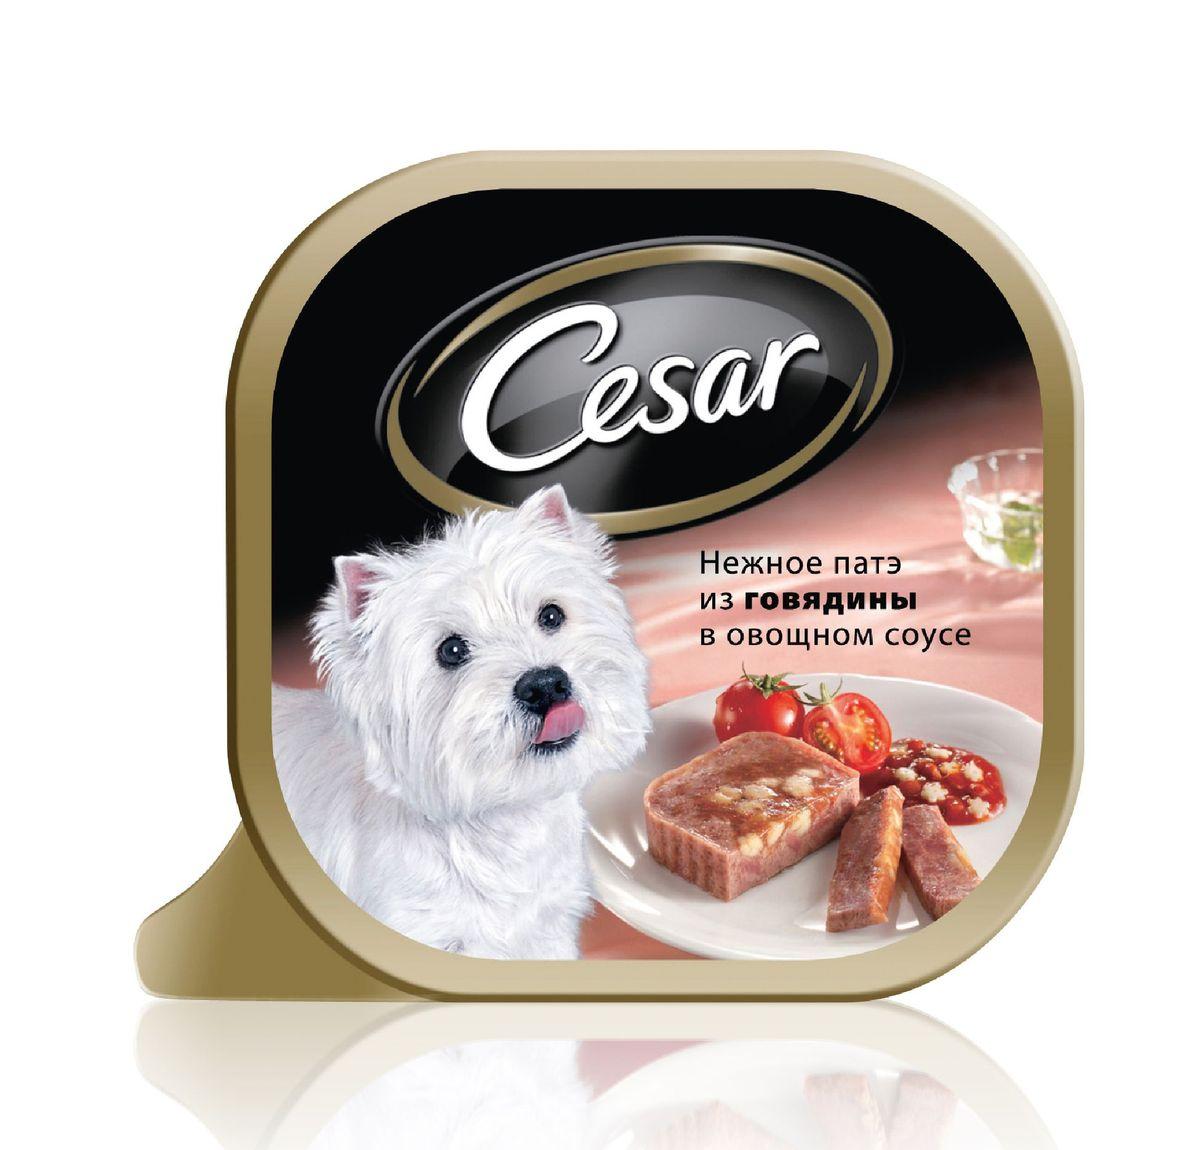 Консервы Cesar, для взрослых собак мелких пород, нежное патэ из говядины в овощном соусе, 100 г10218Консервы Cesar - это полнорационный консервированный корм для взрослых собак мелких пород. Консервы представляют собой аппетитные кусочки мяса в подливе. Кроме того, в их состав входят овощи и ароматные травы, поэтому Cesar придется по душе даже самым привередливым собакам. Консервы приготовлены исключительно из натурального сырья. Не содержат искусственных красителей, консервантов и усилителей вкуса. Состав: говядина (минимум 21%), курица, паста (минимум 1%), овощи, травы, растительное масло, витамины и минеральные вещества. Пищевая ценность в 100 г: белки - 8 г, жир - 3,5 г, зола - 0,3 г, клетчатка - максимум 0,5 г, влага 85 г. Энергетическая ценность в 100 г: 70 ккал. Товар сертифицирован.